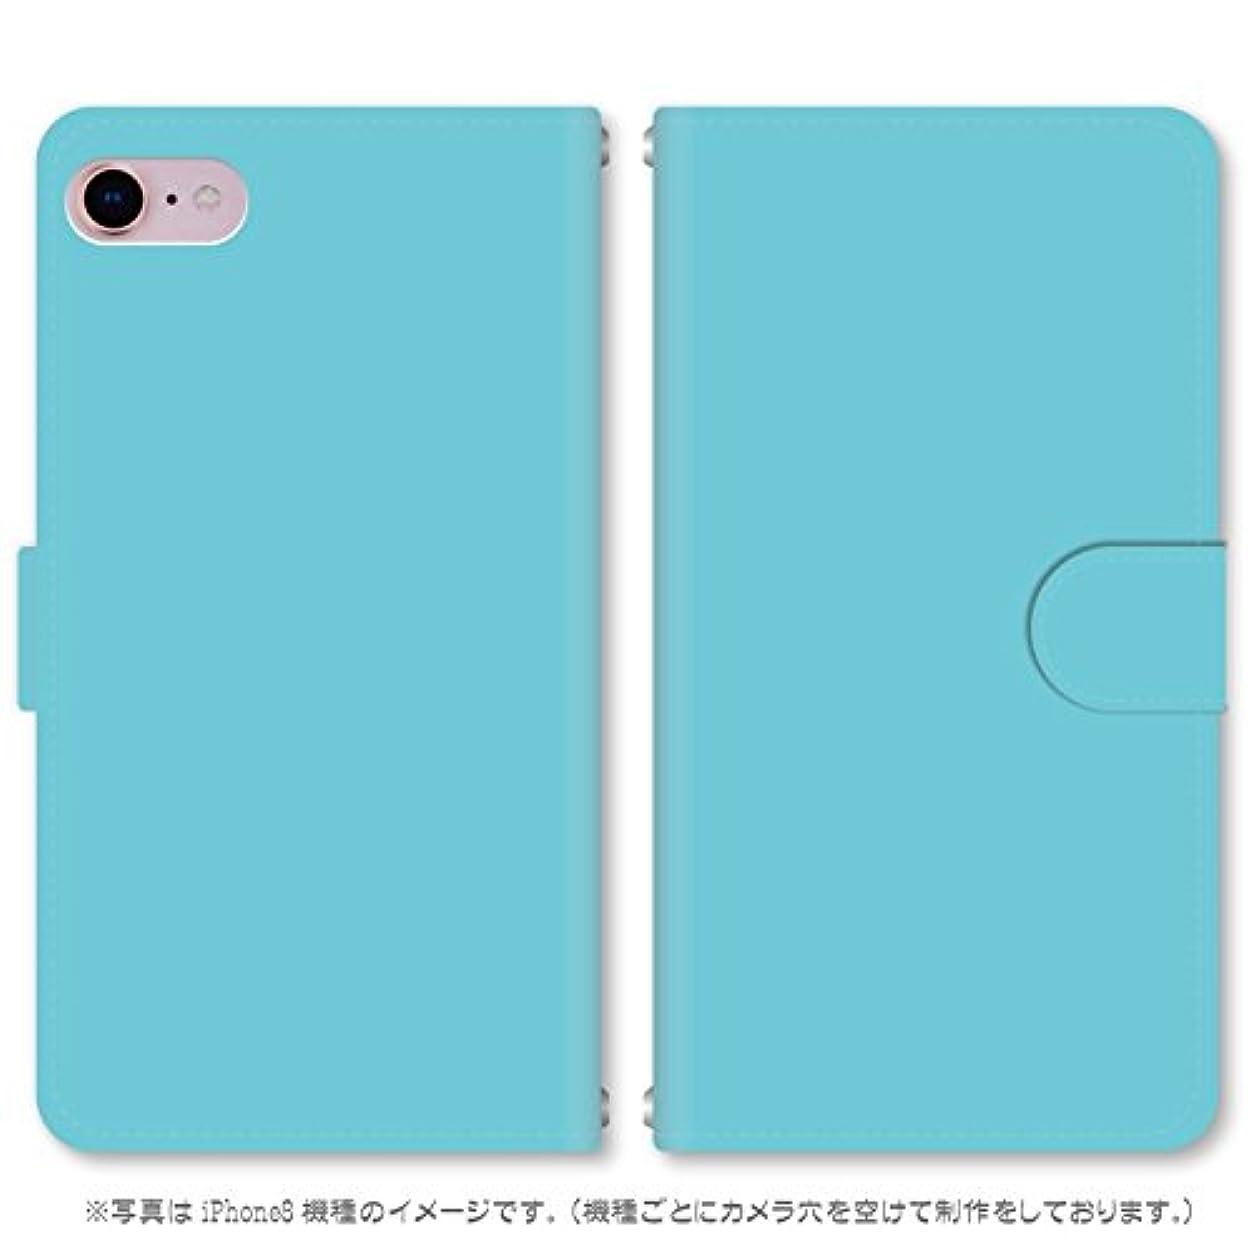 ウッズ途方もない不注意スマホ スマートフォン 手帳 スマホケース 和色彩 【315_水色 Xperia Z4 SOV31】